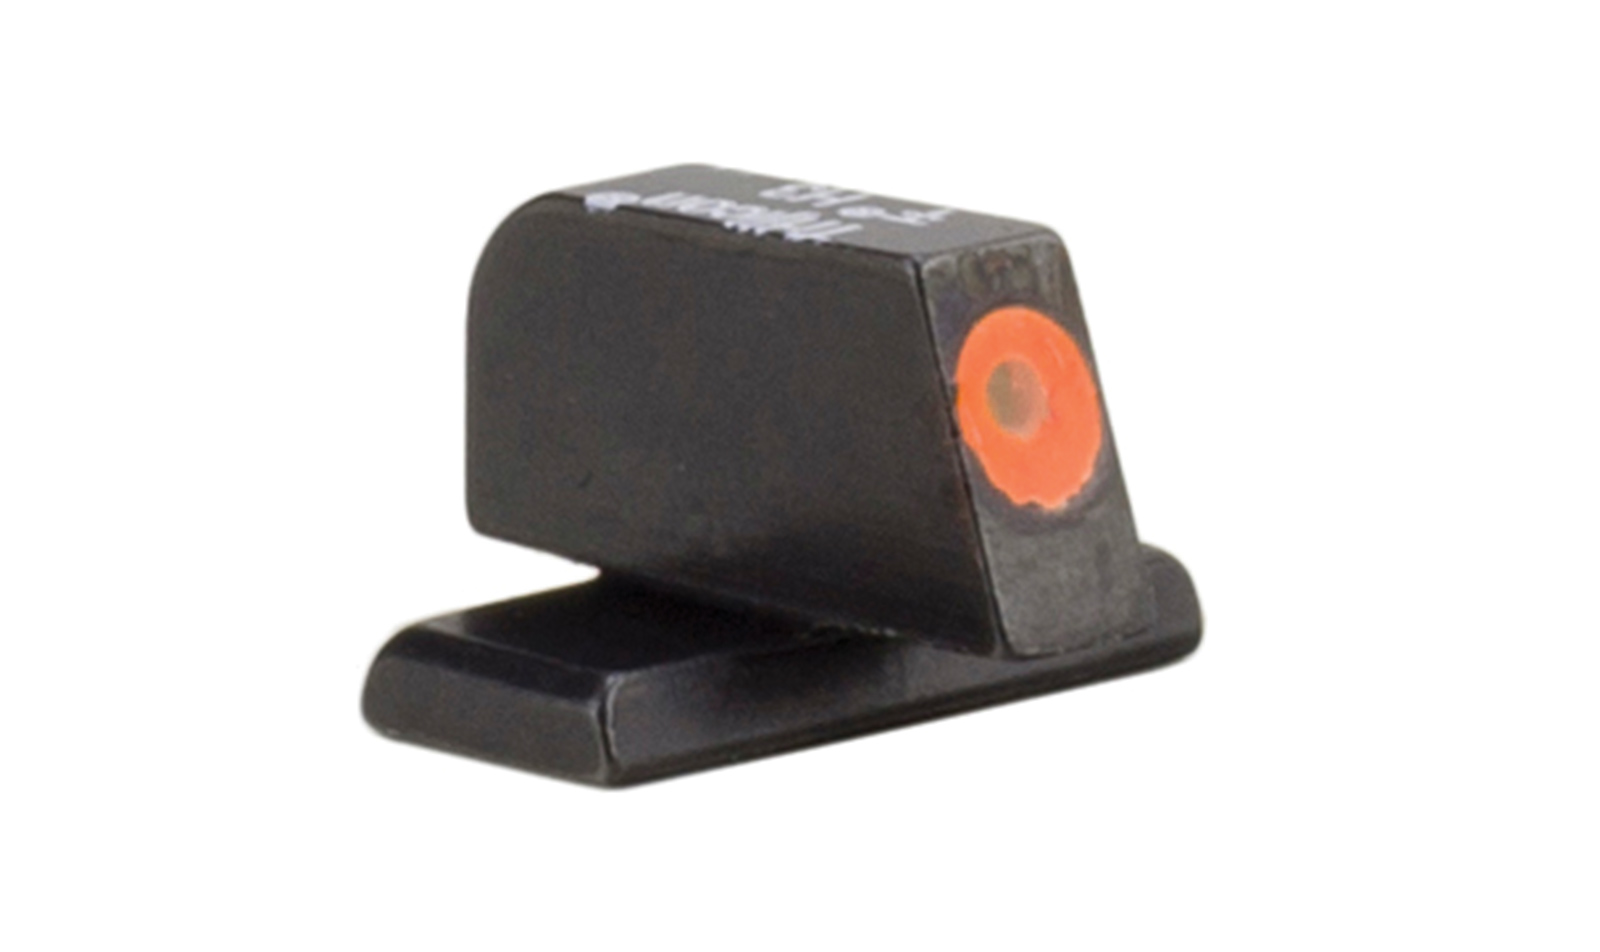 SP602-C-600878 angle 3